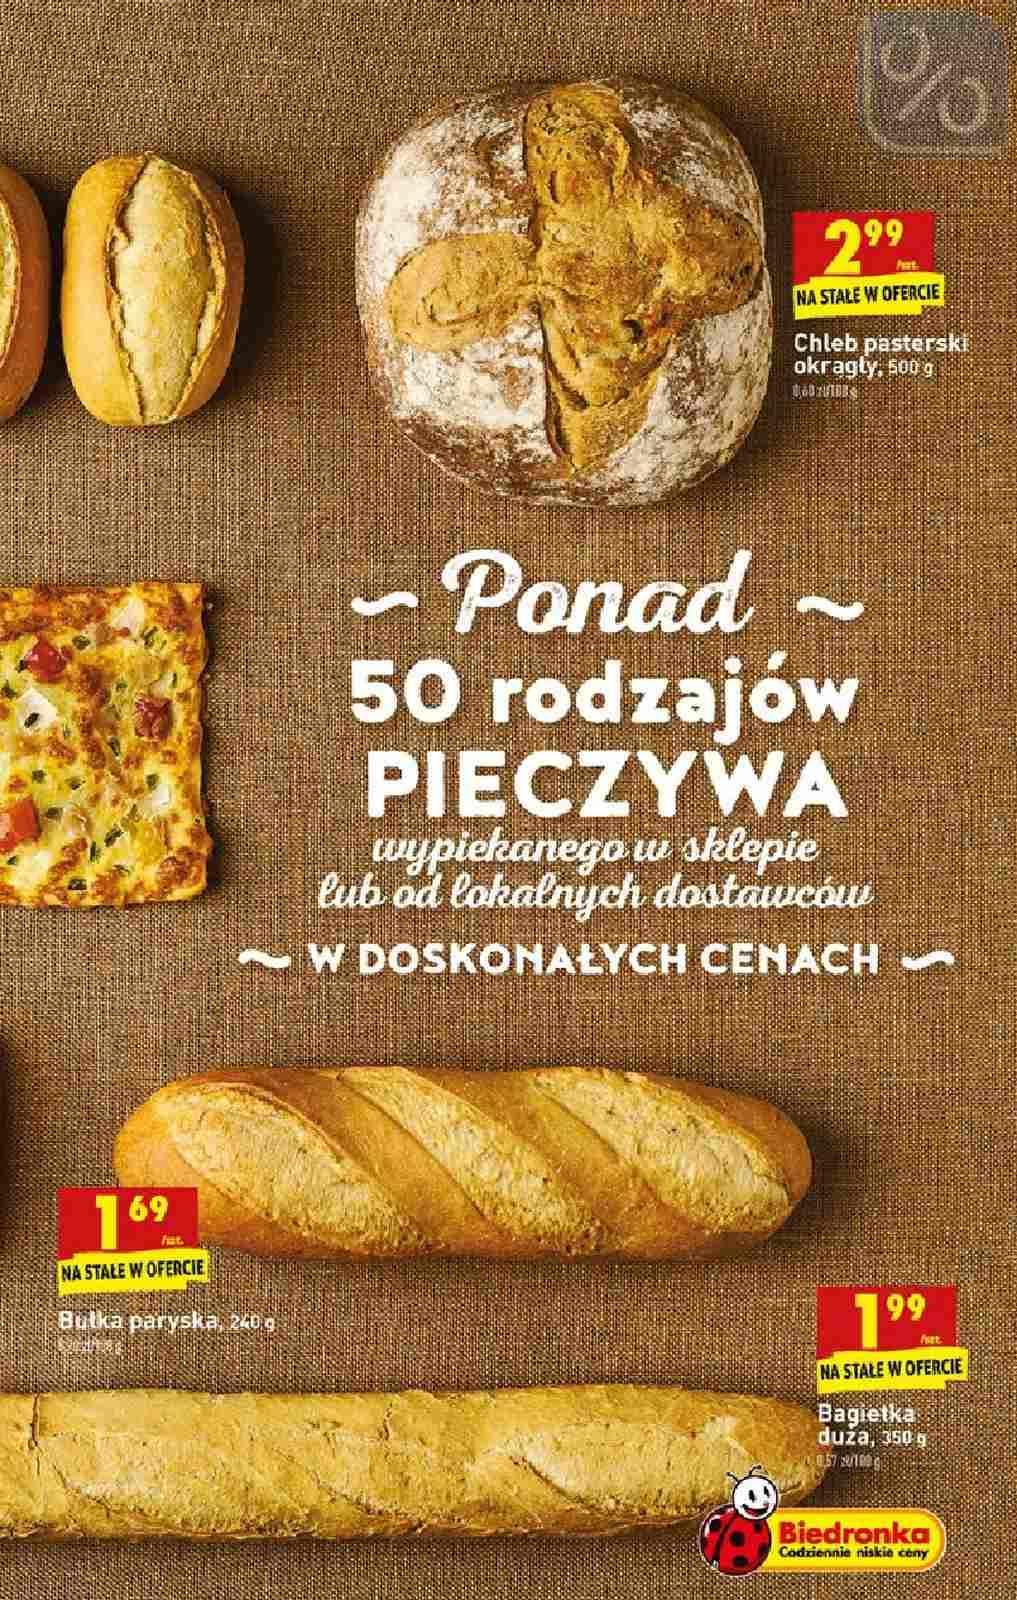 Gazetka promocyjna Biedronka do 13/07/2019 str.16